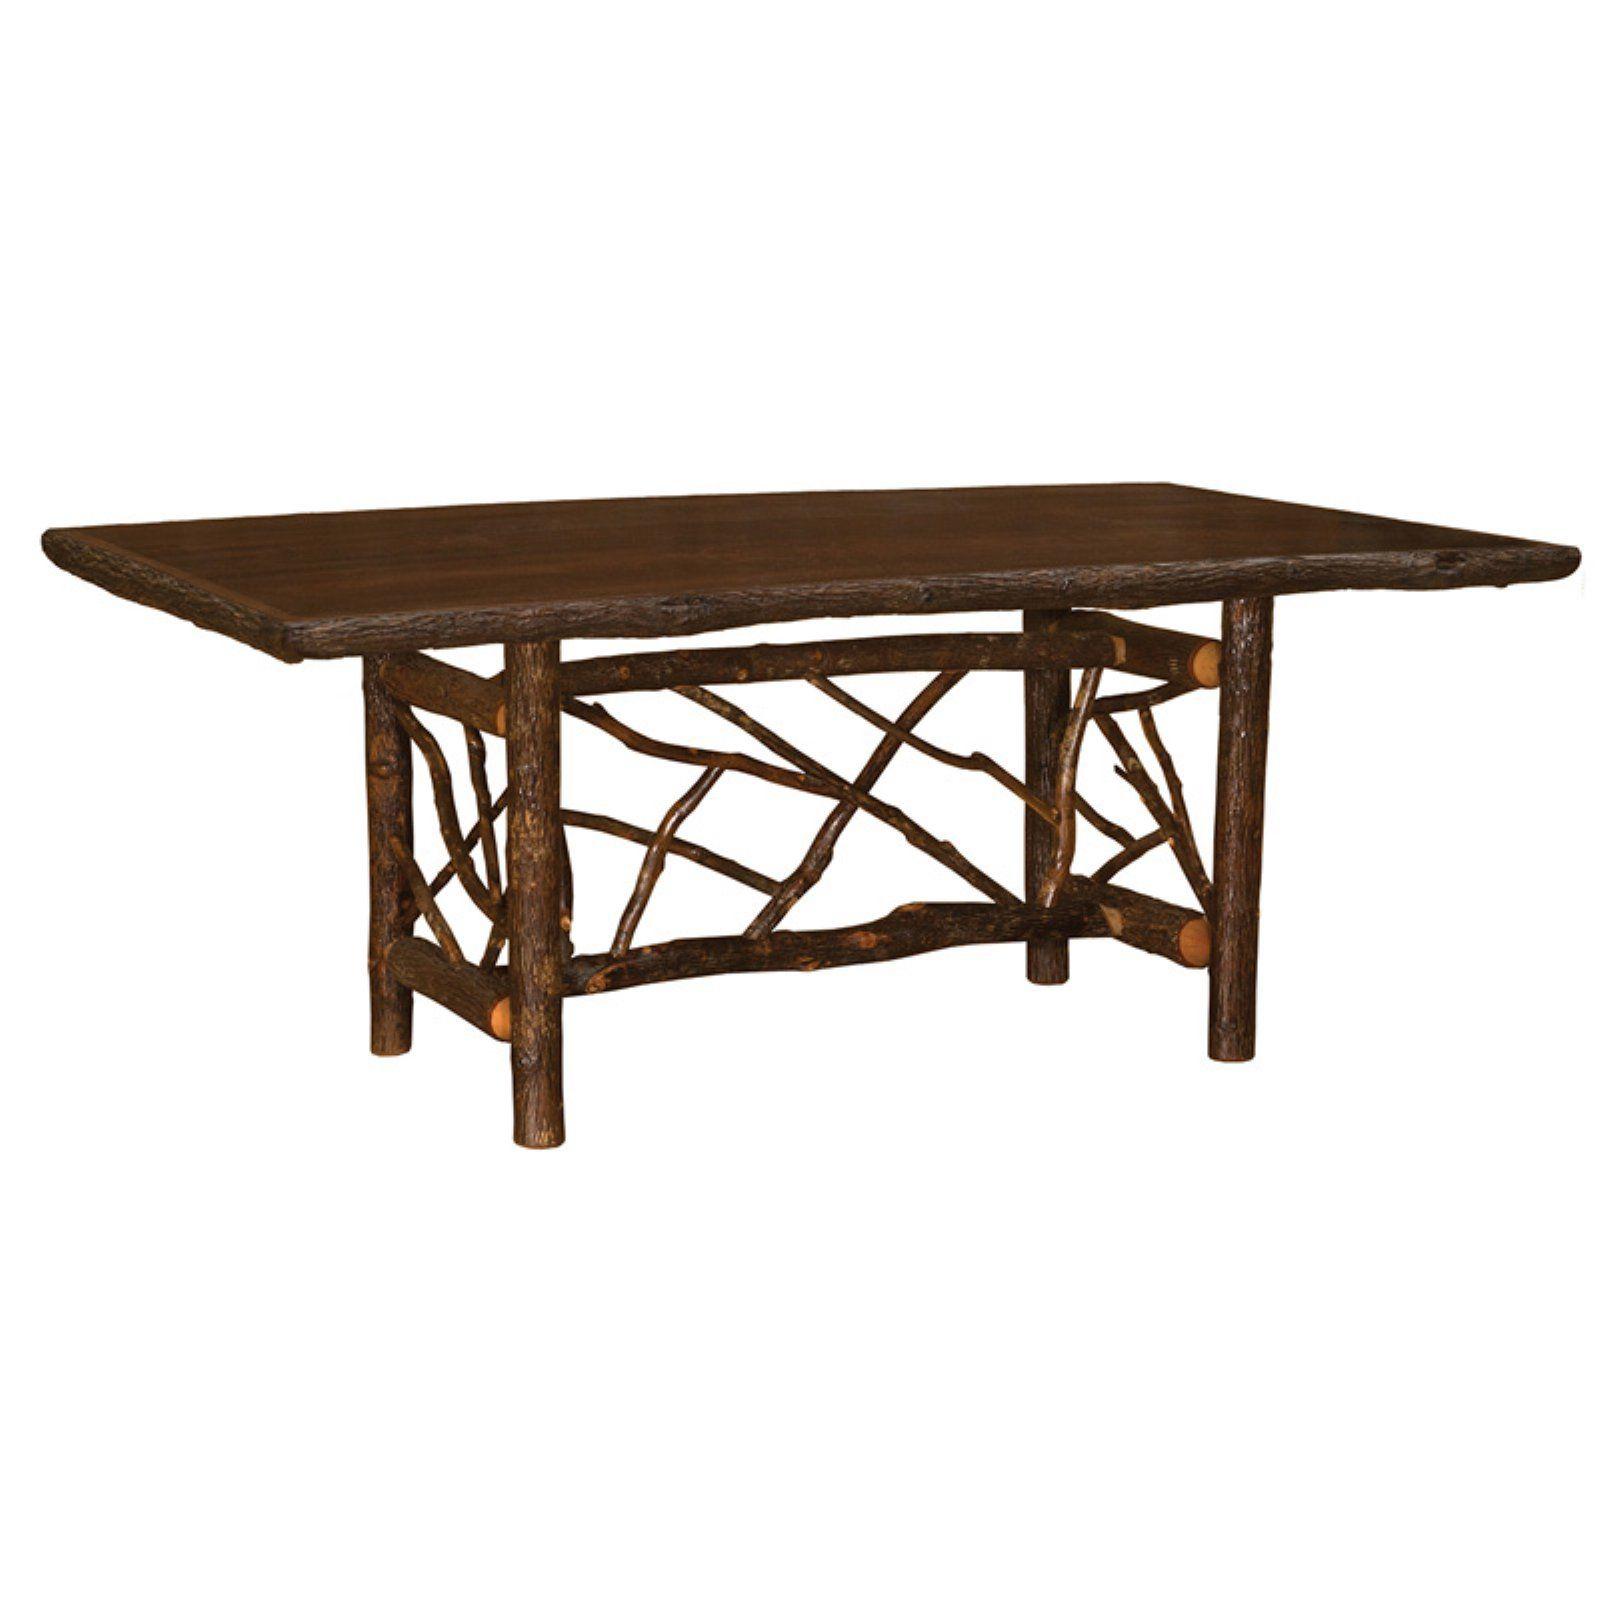 fireside lodge furniture hickory rectangle 8 ft twig log dining rh pinterest com